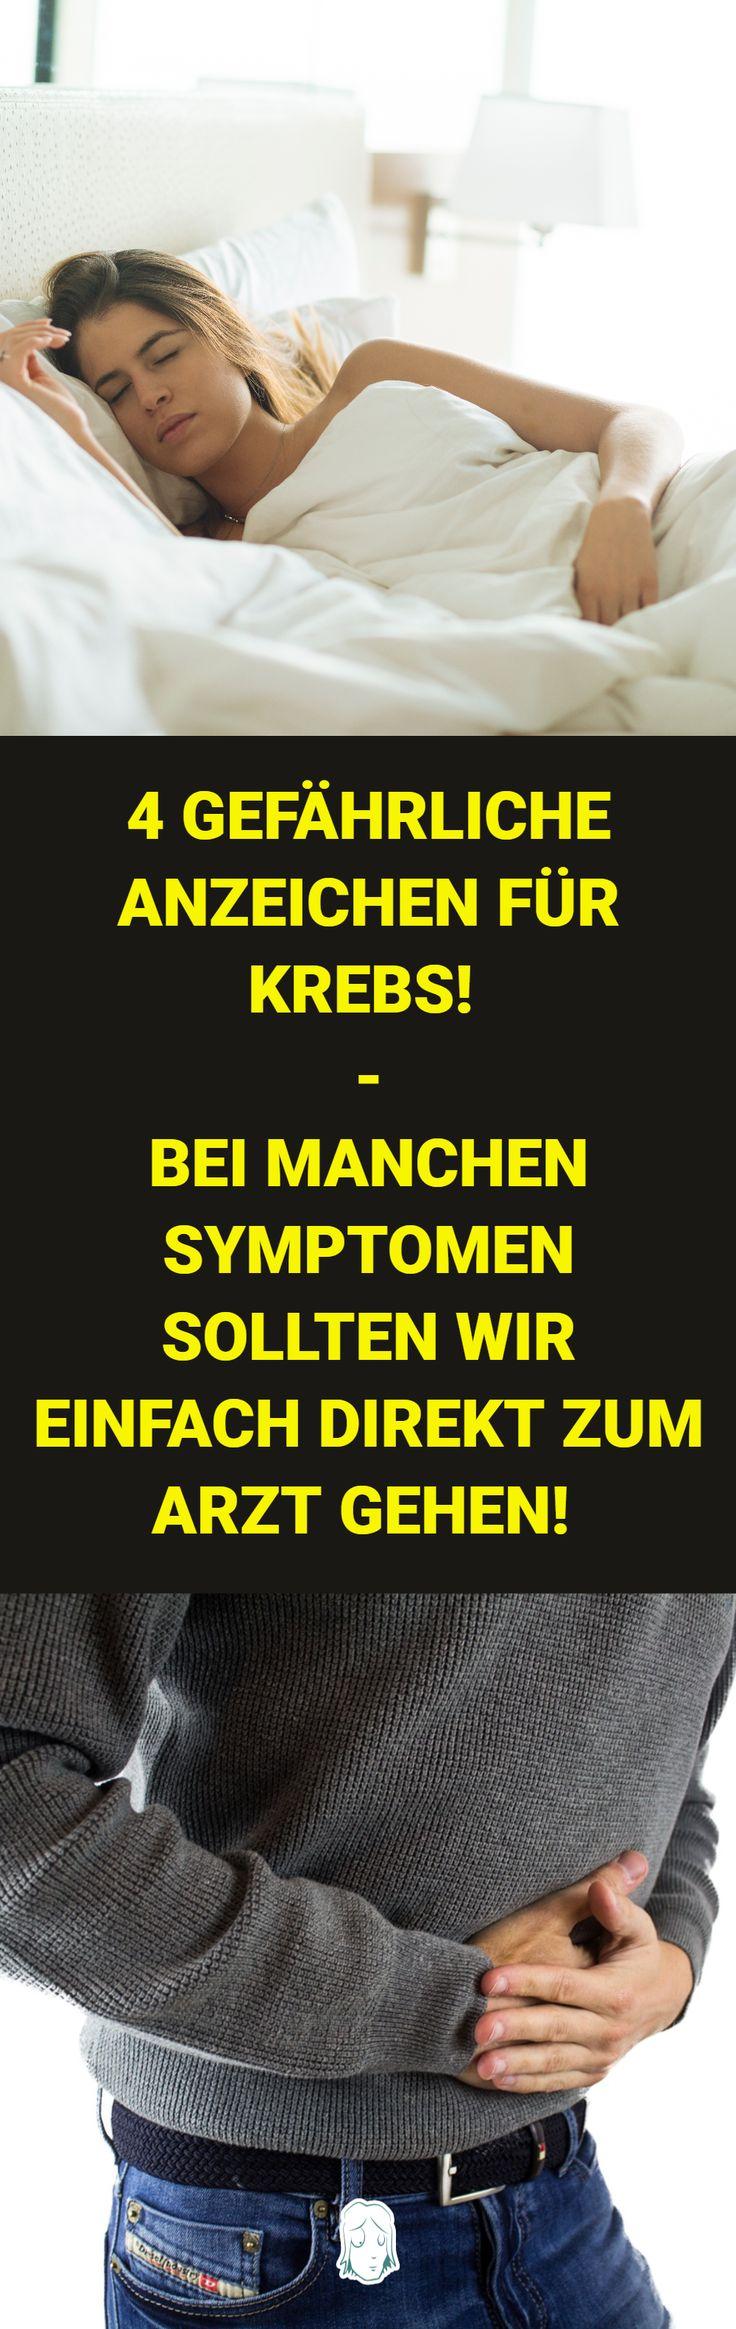 Gefährliche Anzeichen für Krebs, die viele Menschen ...